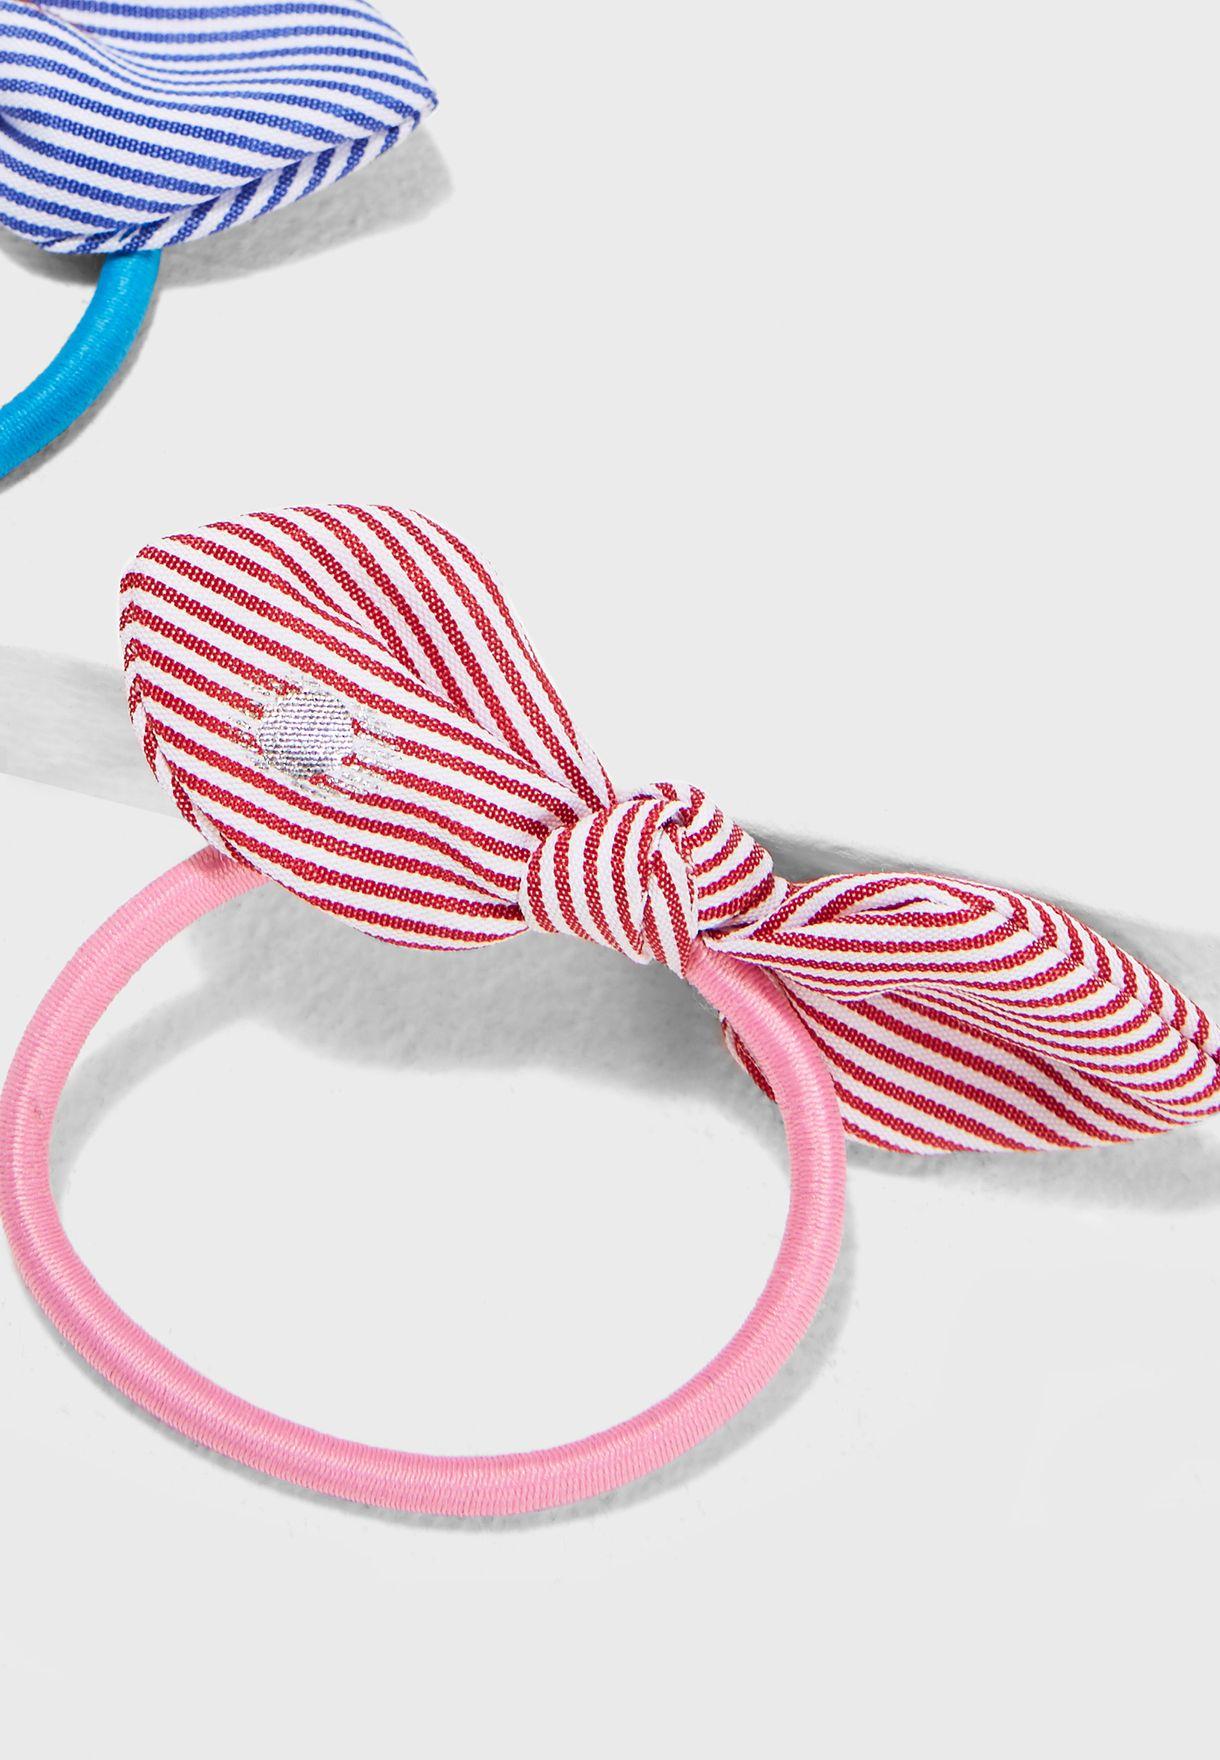 عدد 2 ربطة شعر صغيرة مخططة